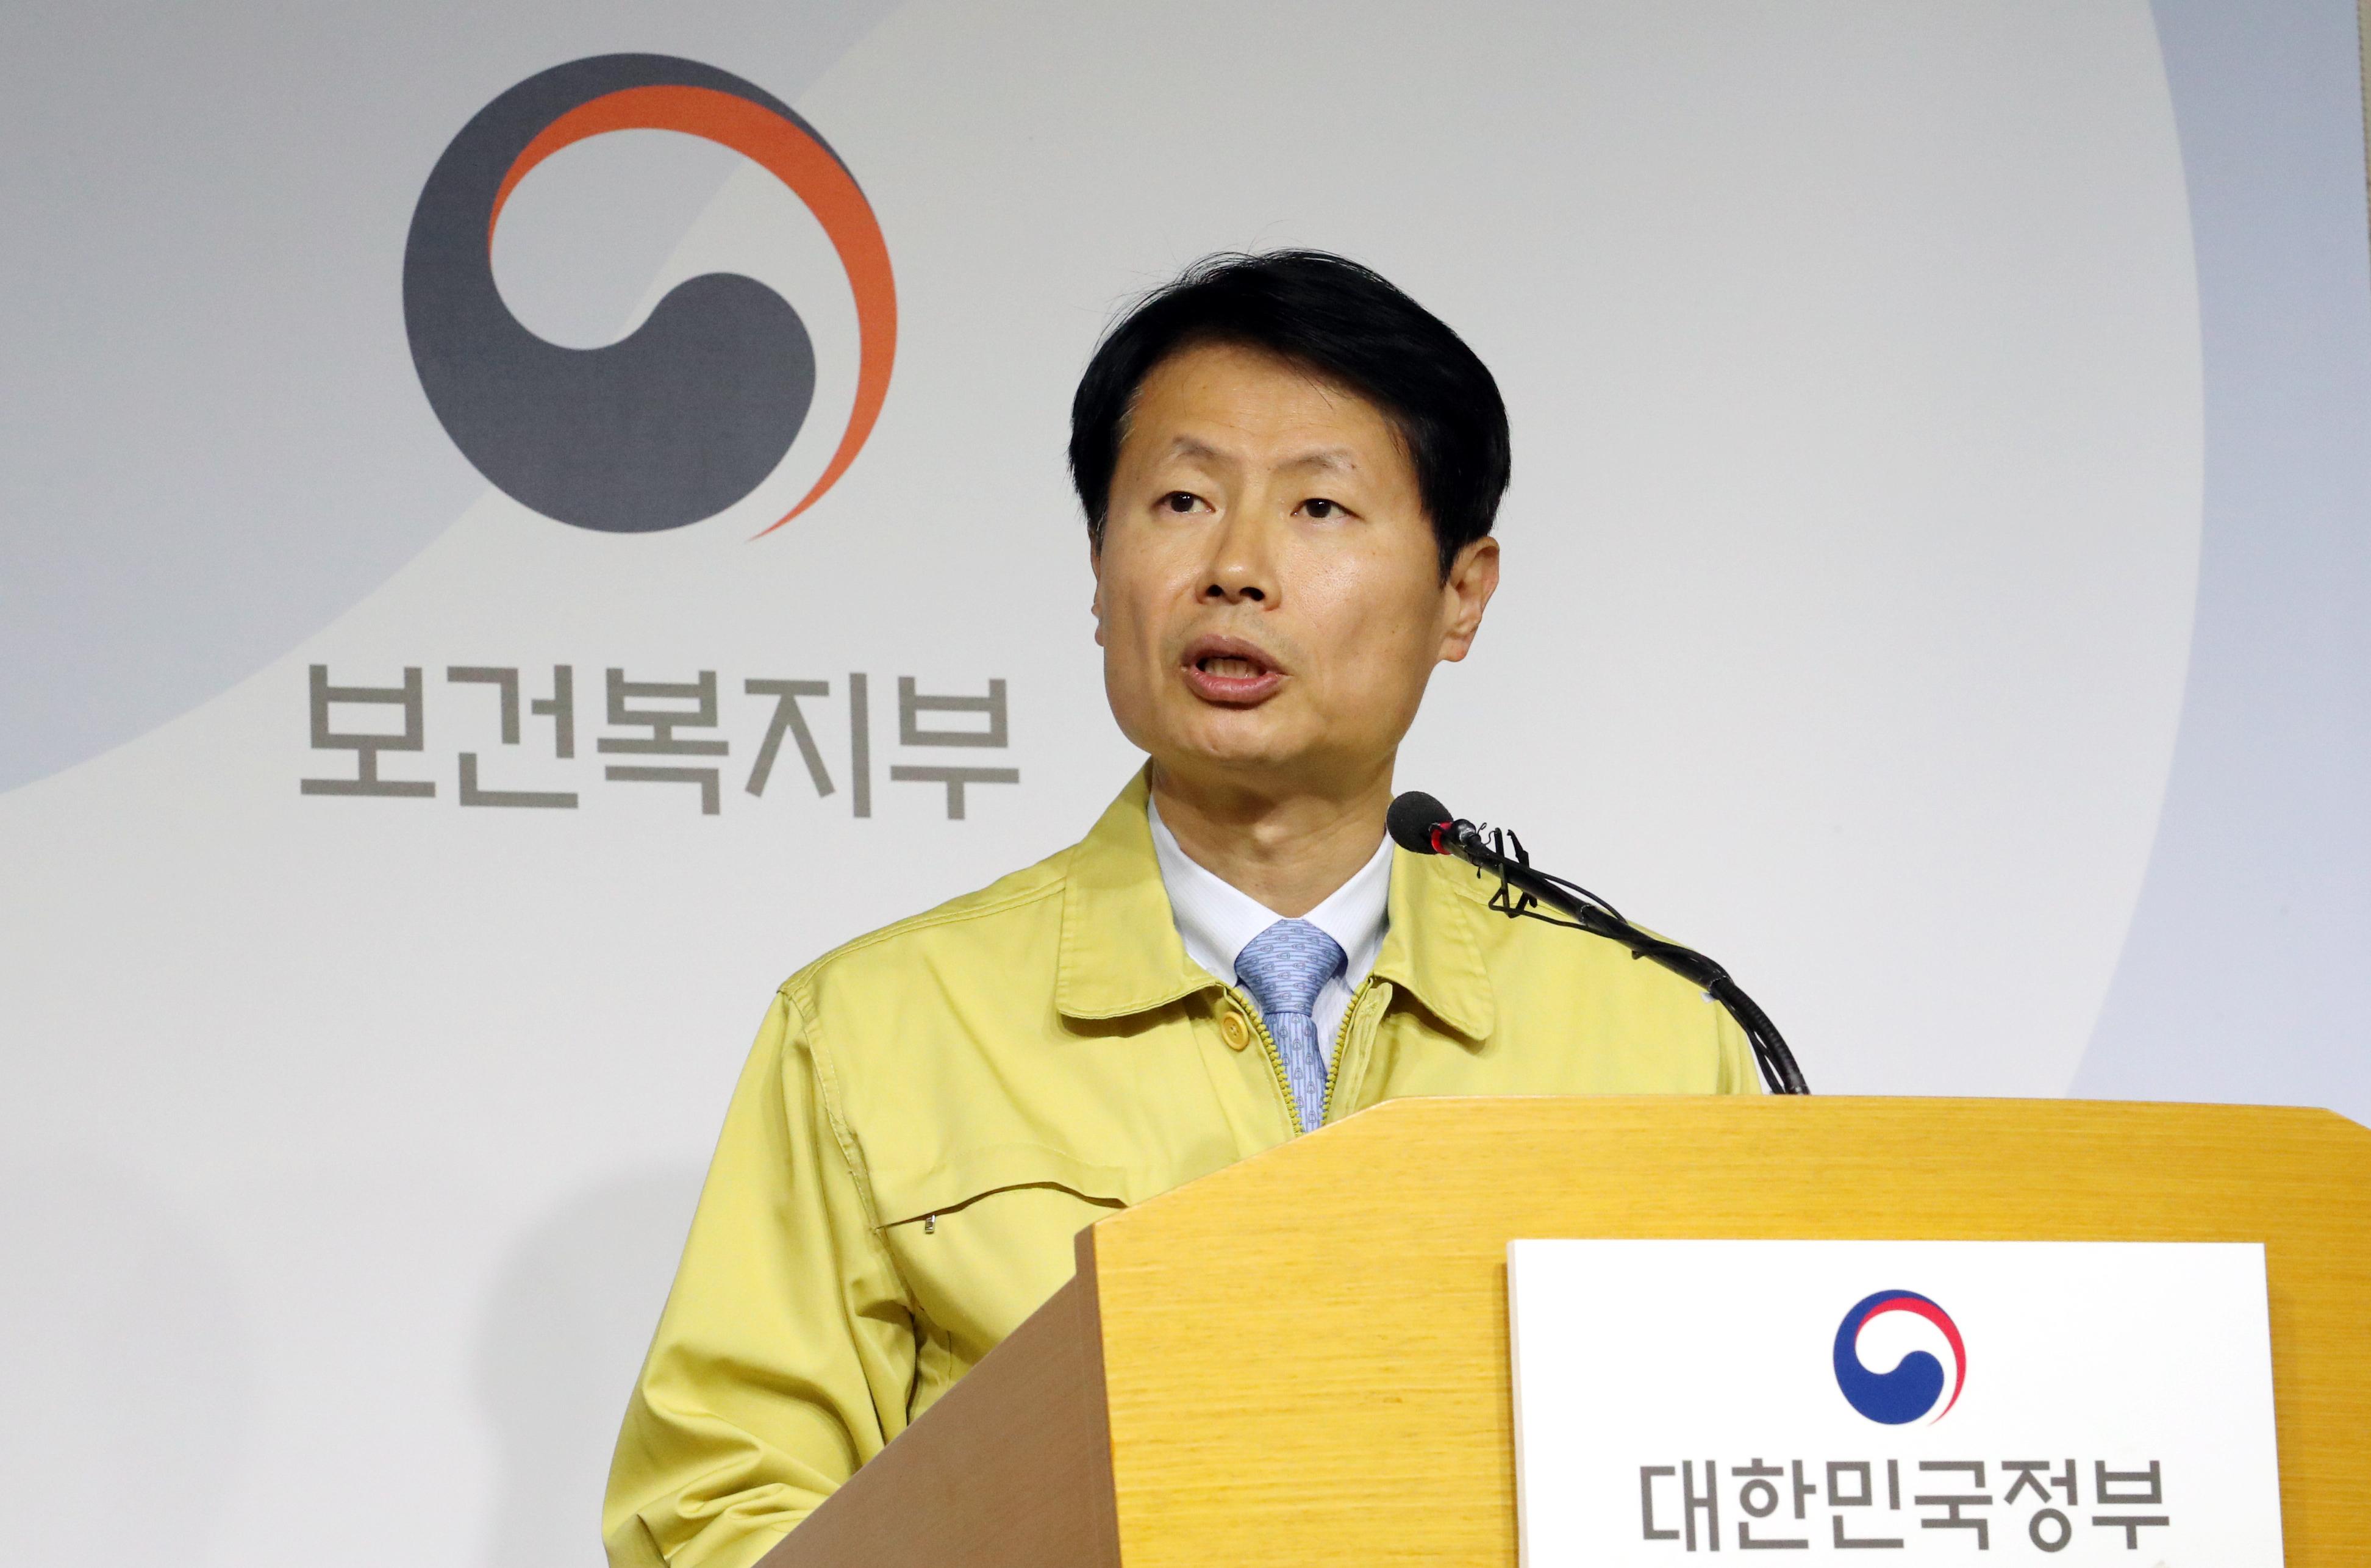 정부, 우한 교민 아산·진천 격리수용 결정